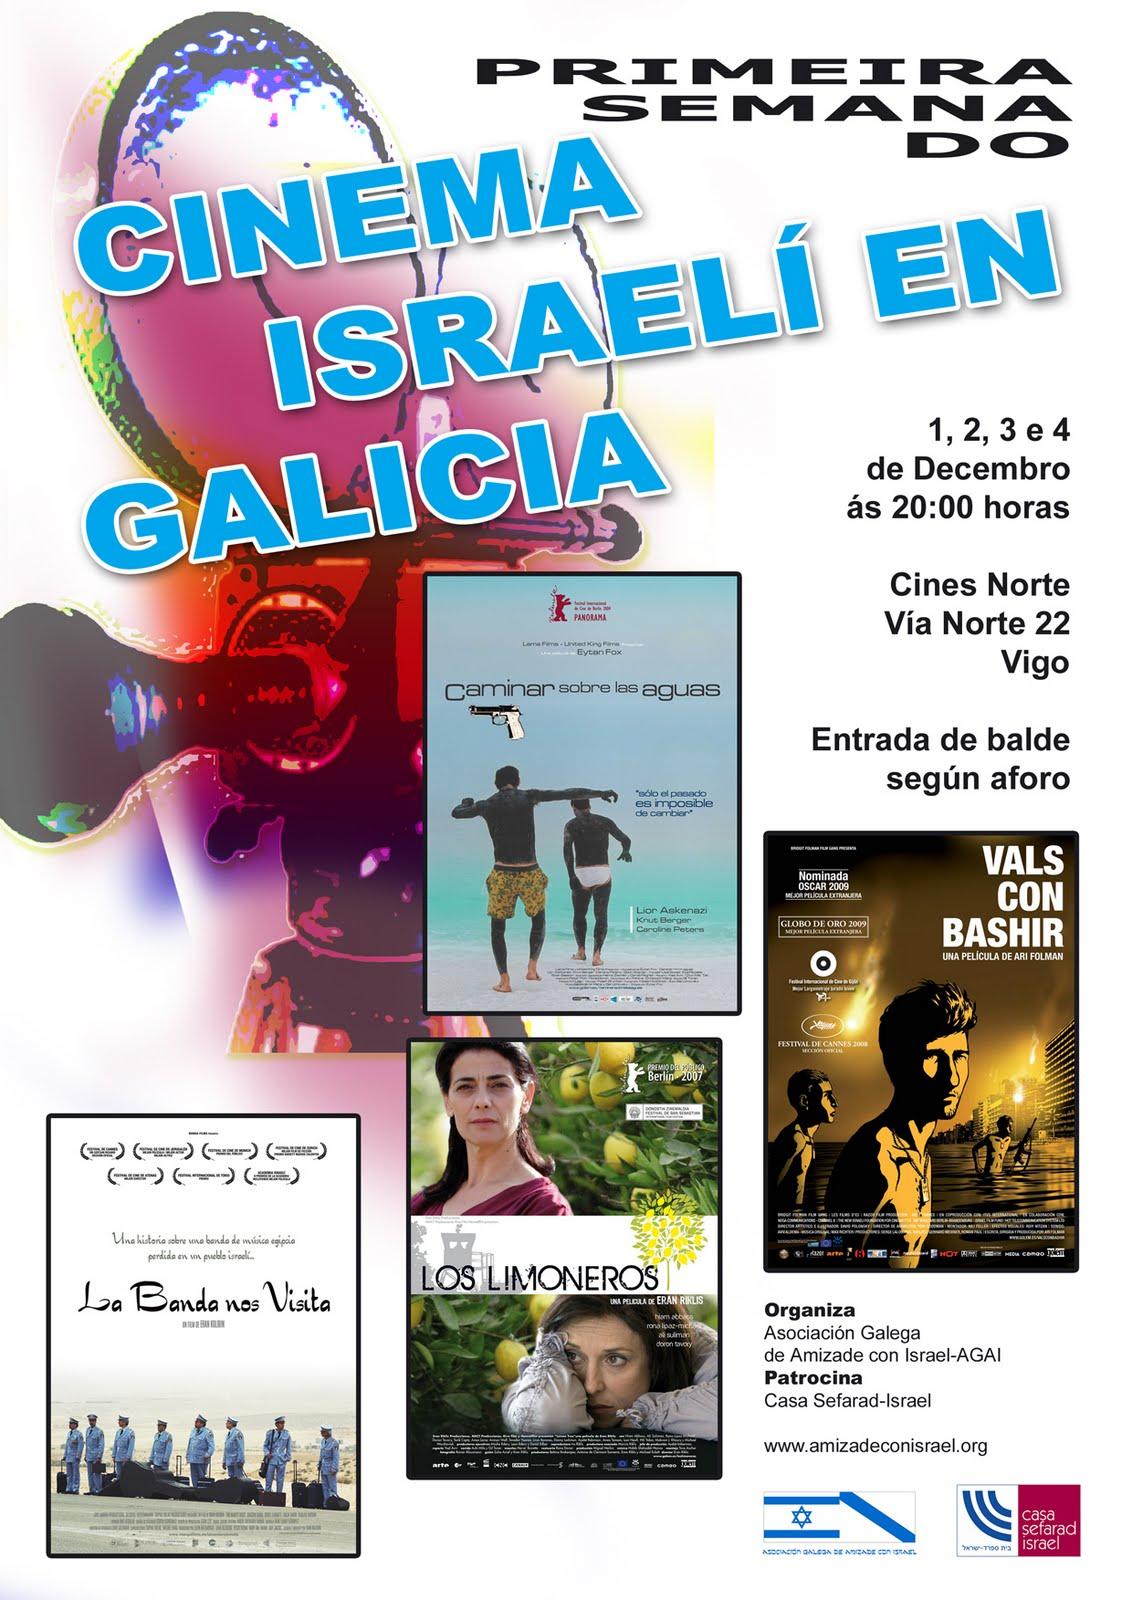 PRIMEIRA SEMANA DO CINEMA ISRAELÍ EN GALICIA